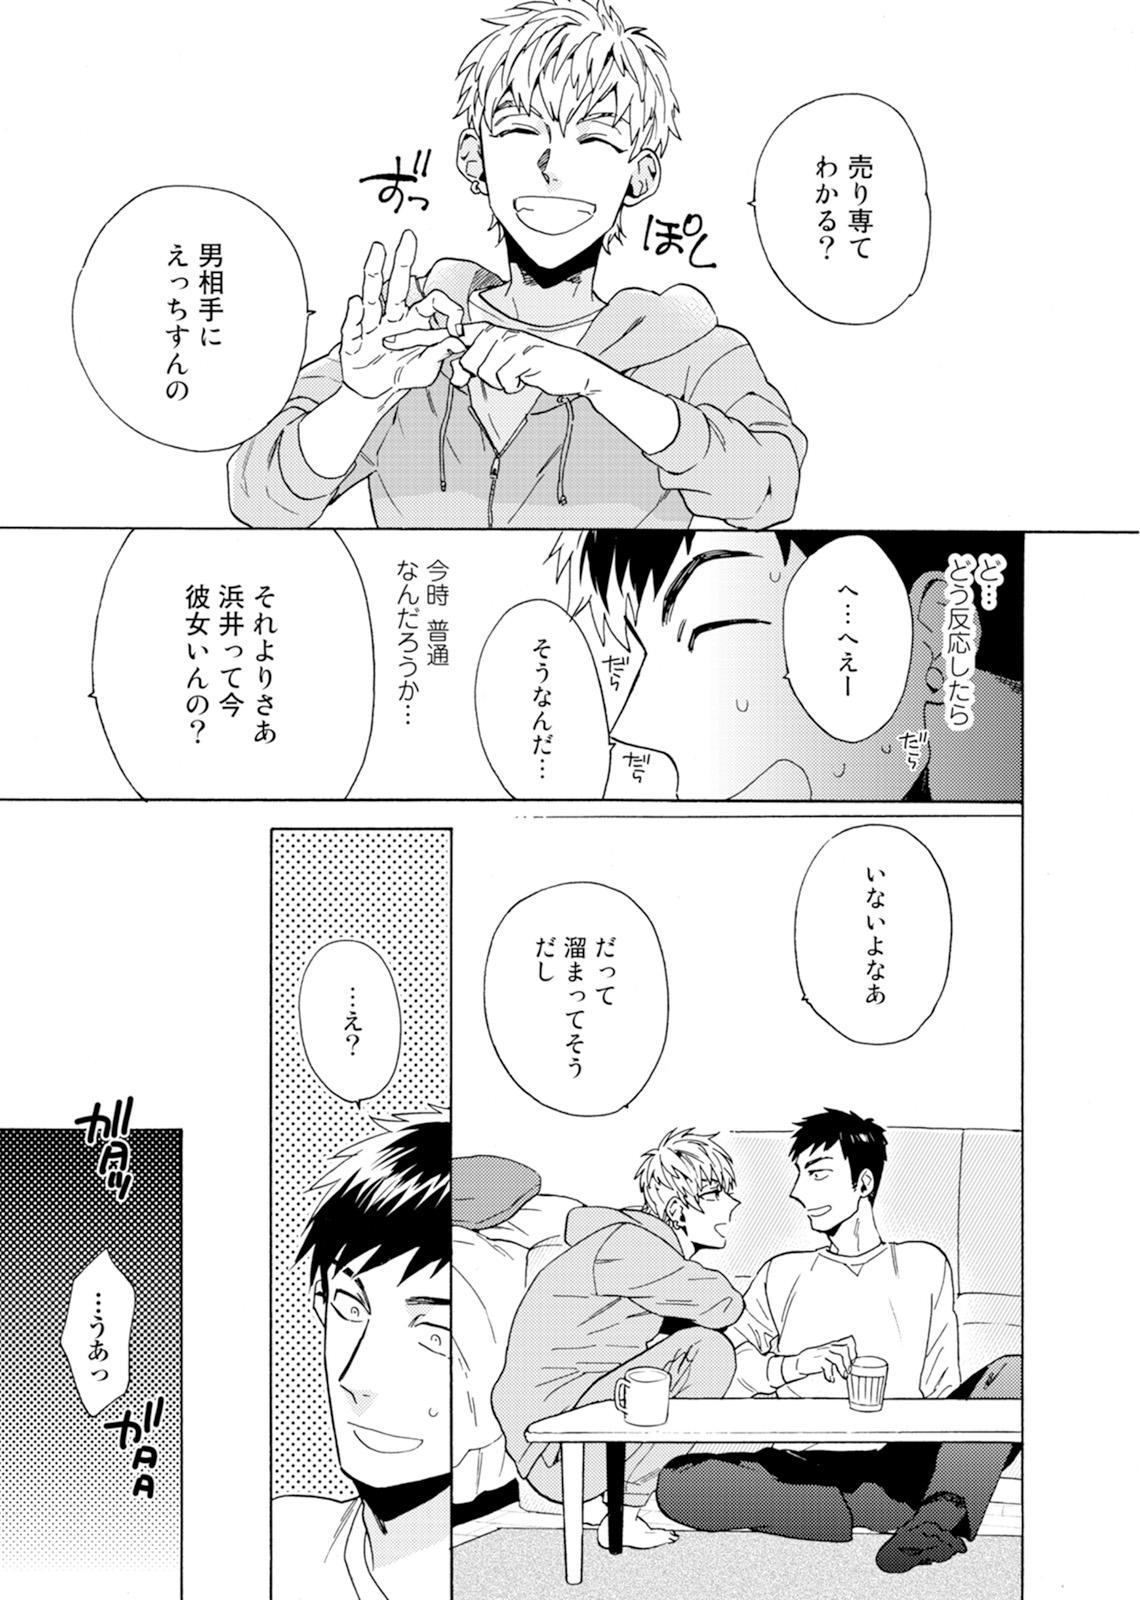 Uriotoko ni Kaiotoko 15